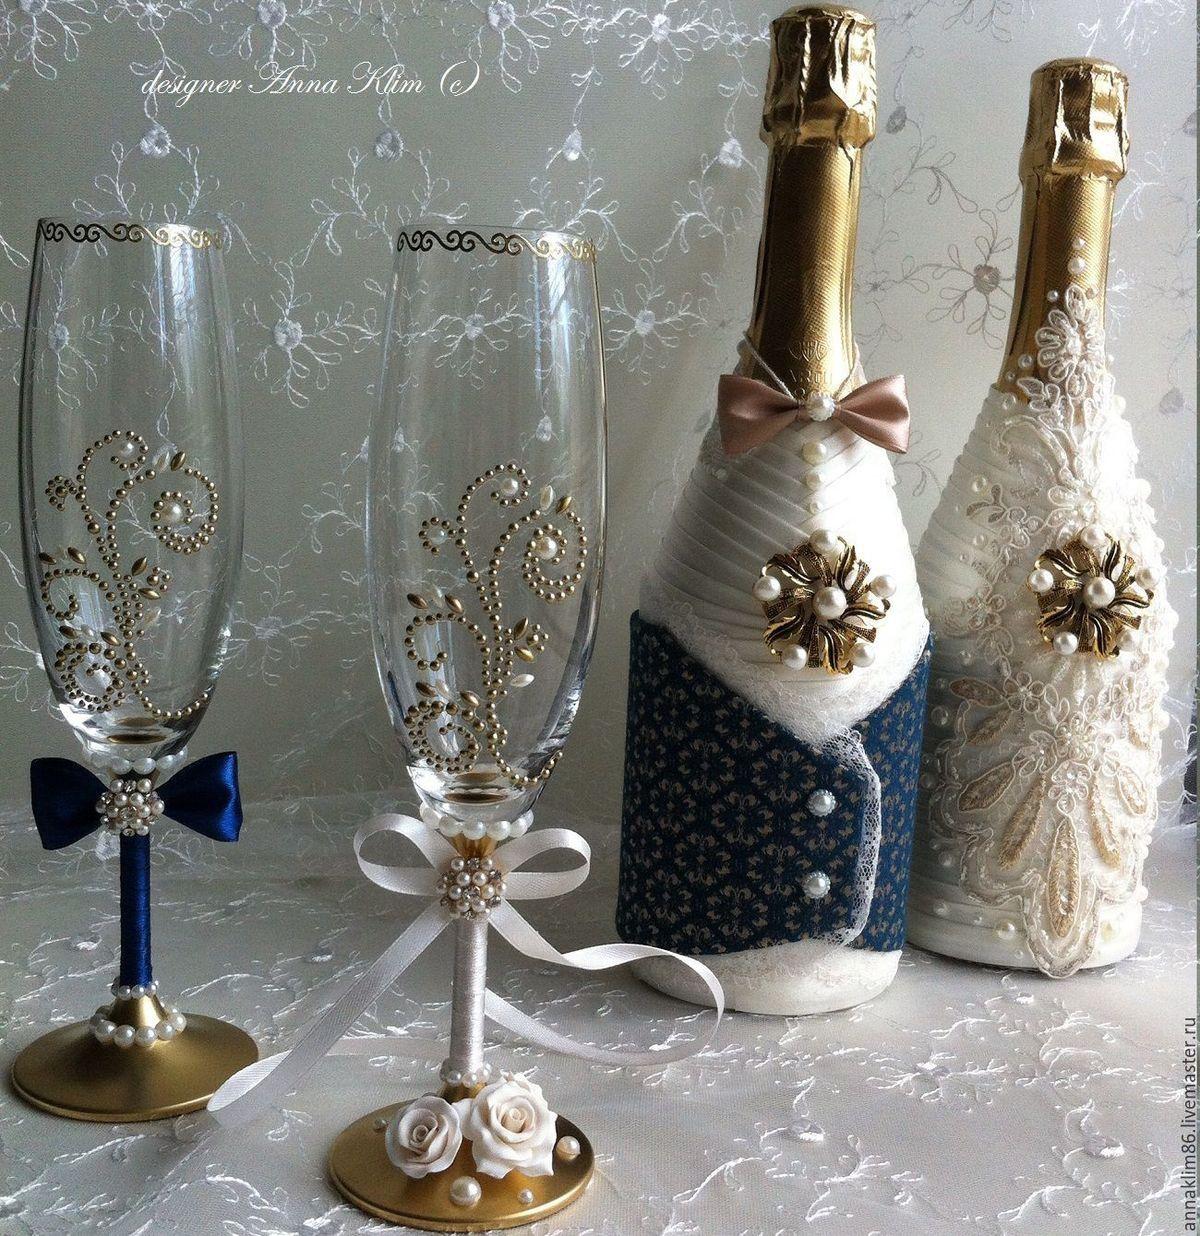 театральной украшение свадебных бокалов и бутылок фото правилам, такое протокол